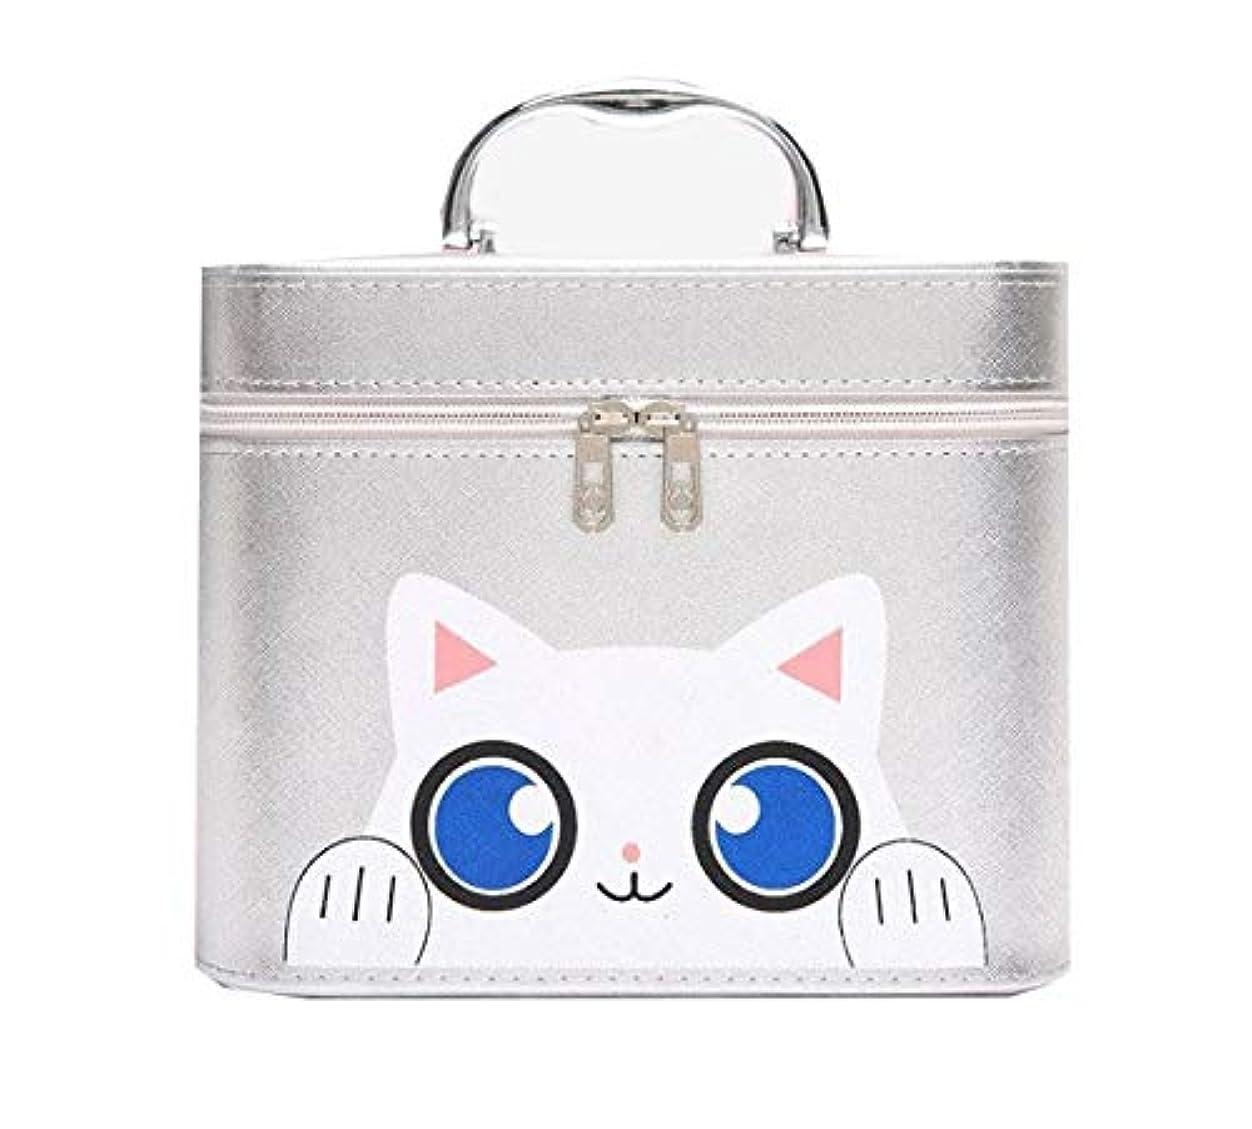 変成器タフ別々に化粧箱、シルバー漫画猫化粧品ケース、ポータブル旅行化粧品ケース、美容ネイルジュエリー収納ボックス (Size : L)